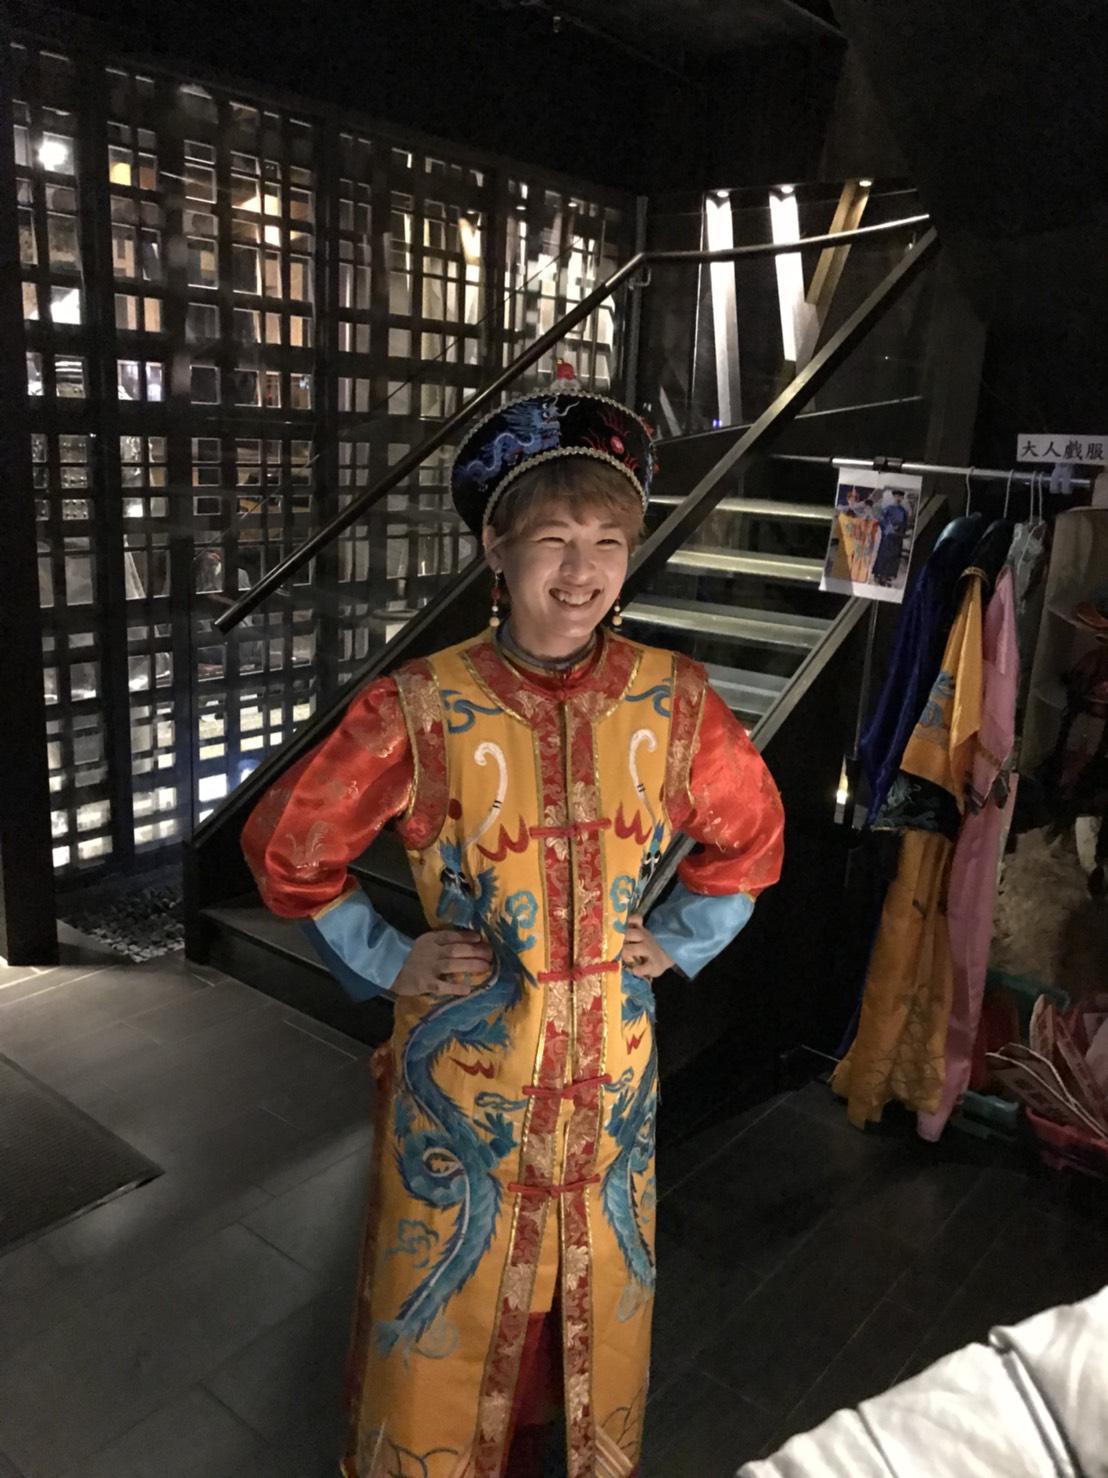 もんちゃん誕生日で王様衣装でコスプレ